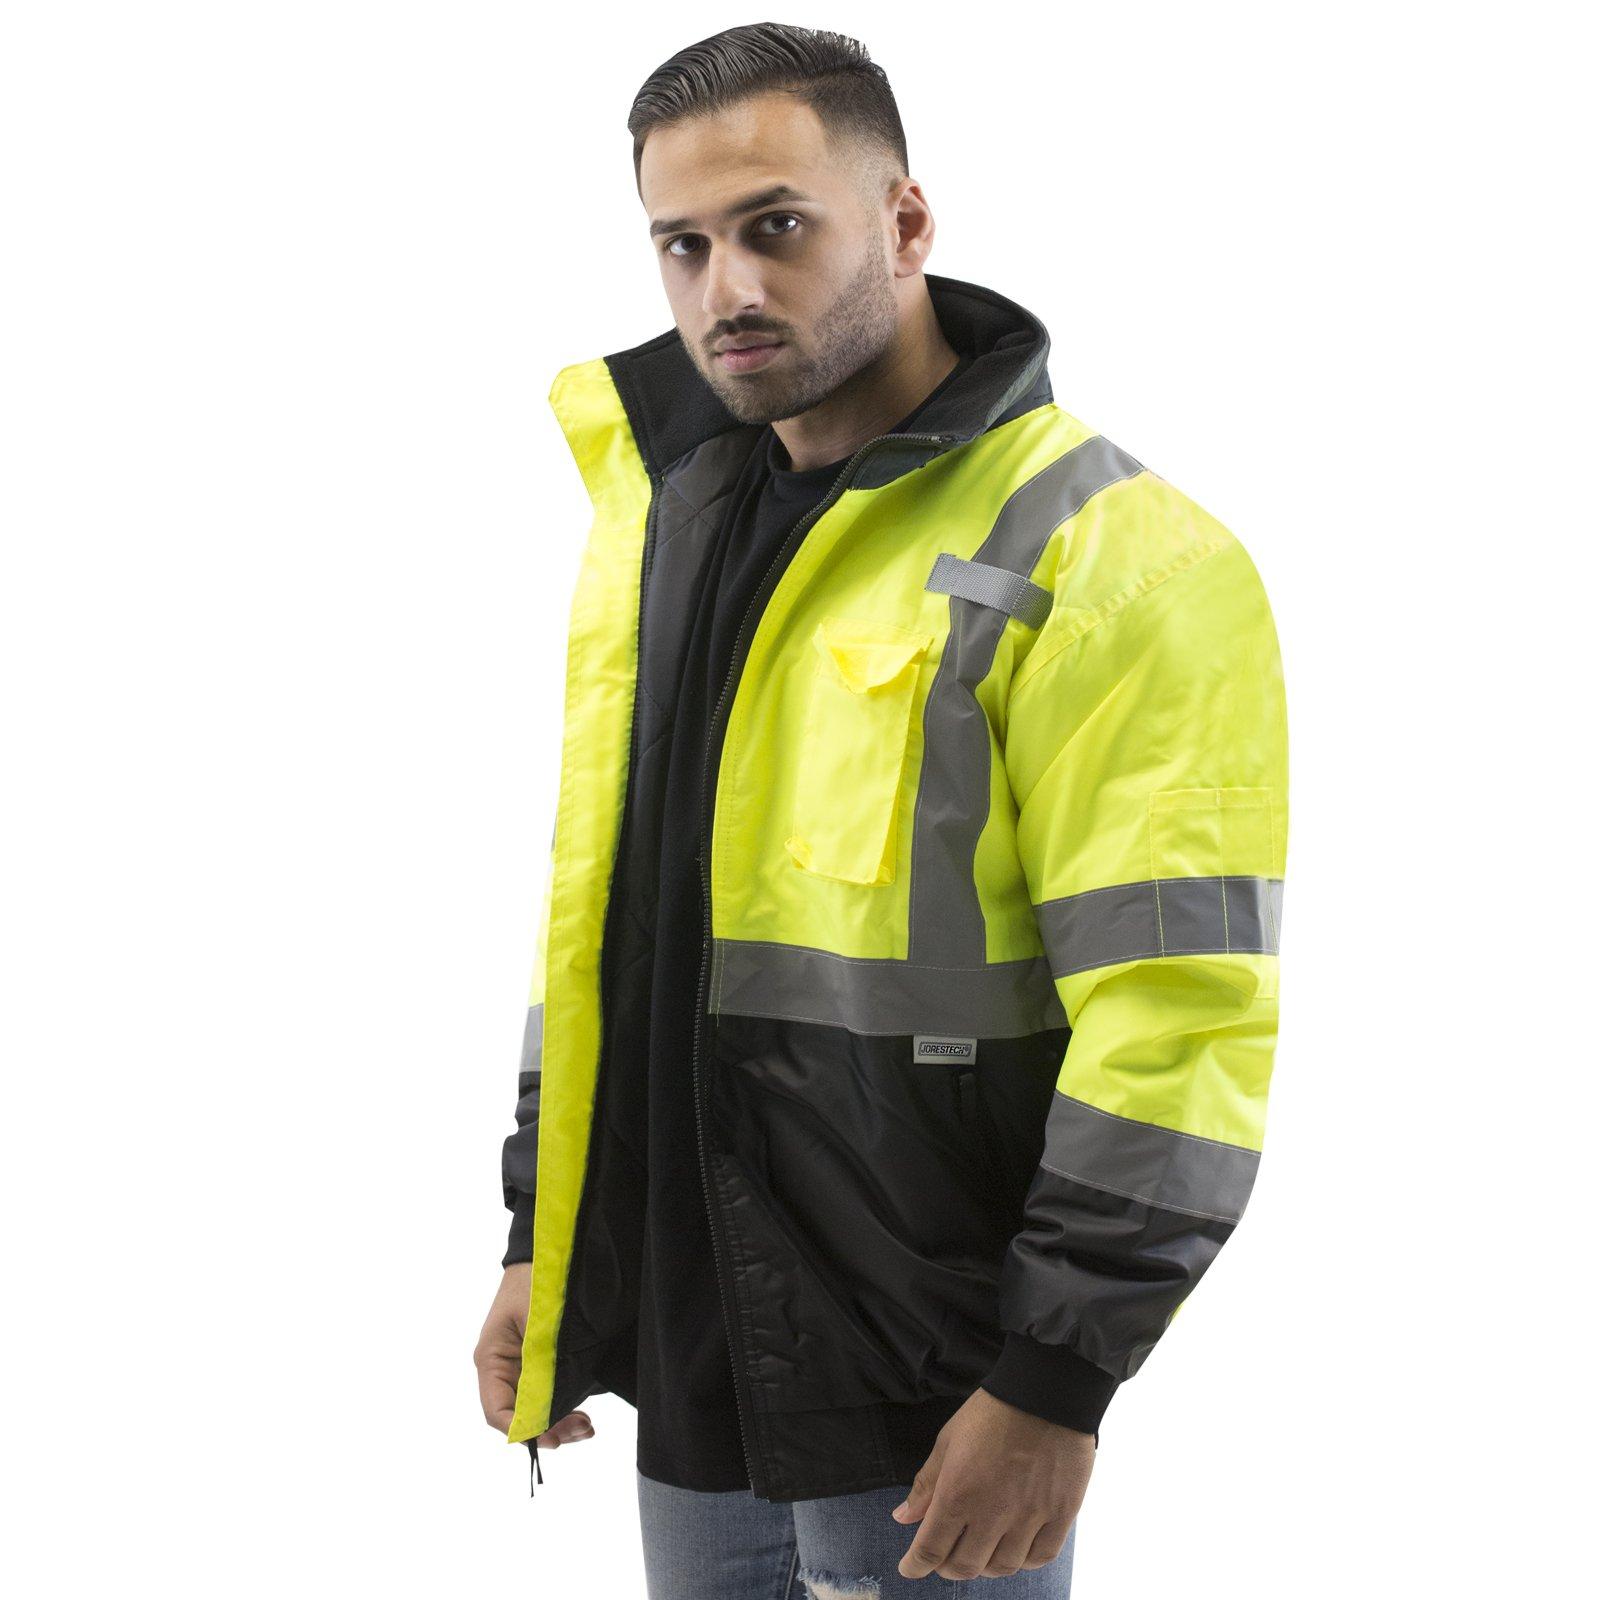 JORESTECH High Visibility Waterproof Bomber Jacket (Medium, Yellow)